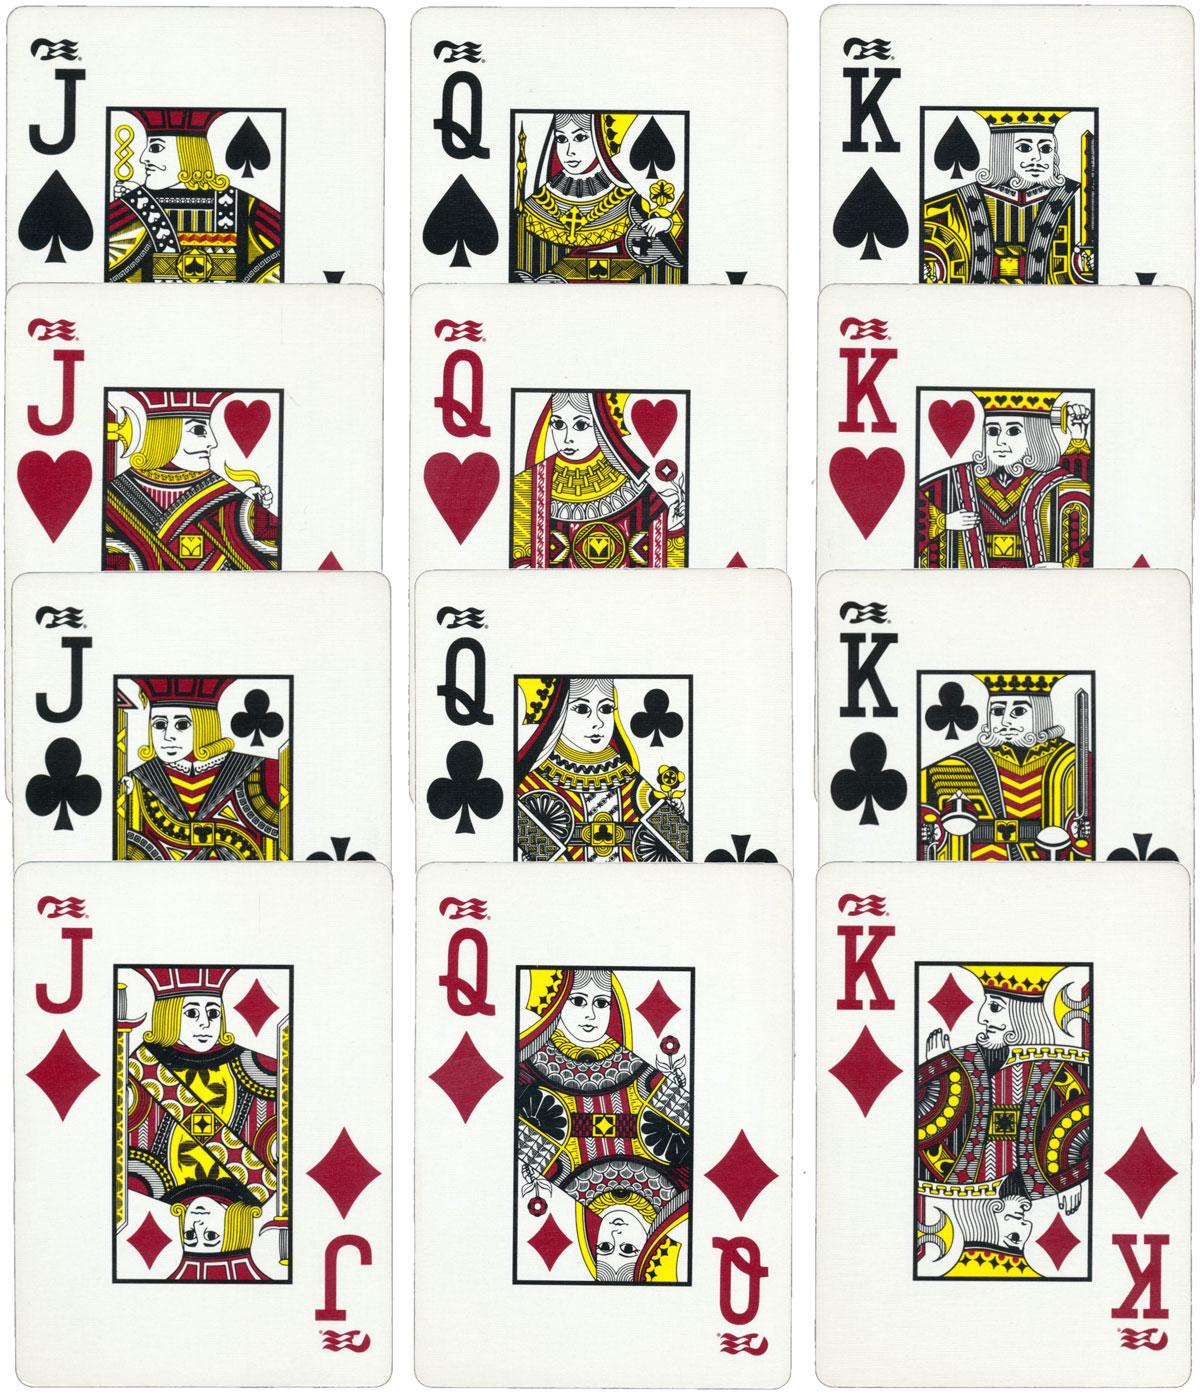 J design poker cards